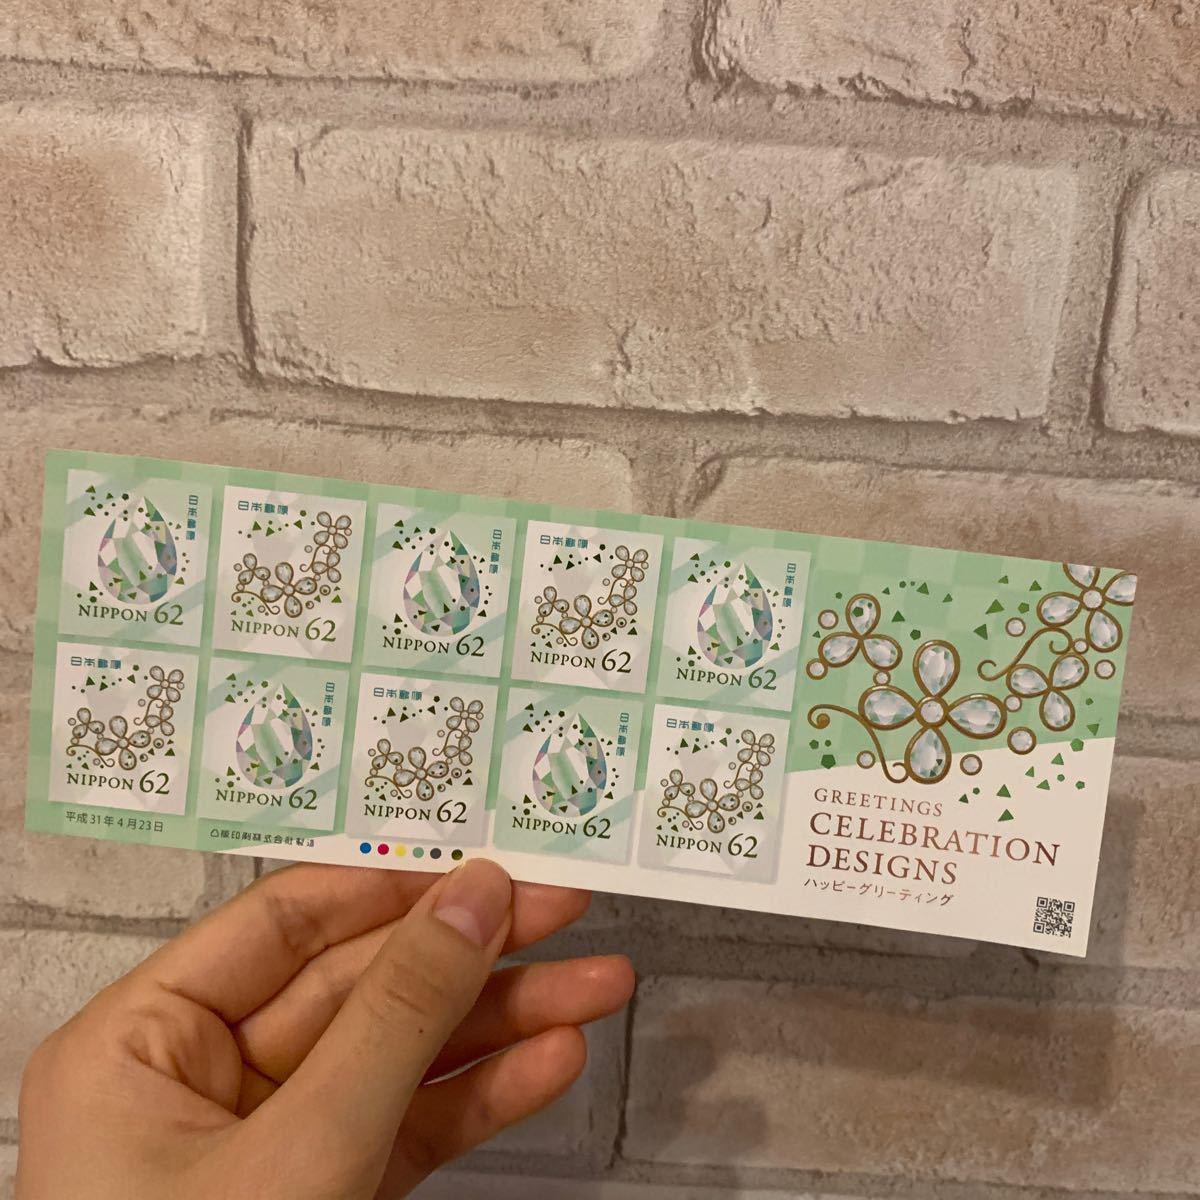 切手シート 切手シール 8840円分 20世紀デザイン切手  ハローキティ 62円 50円 80円